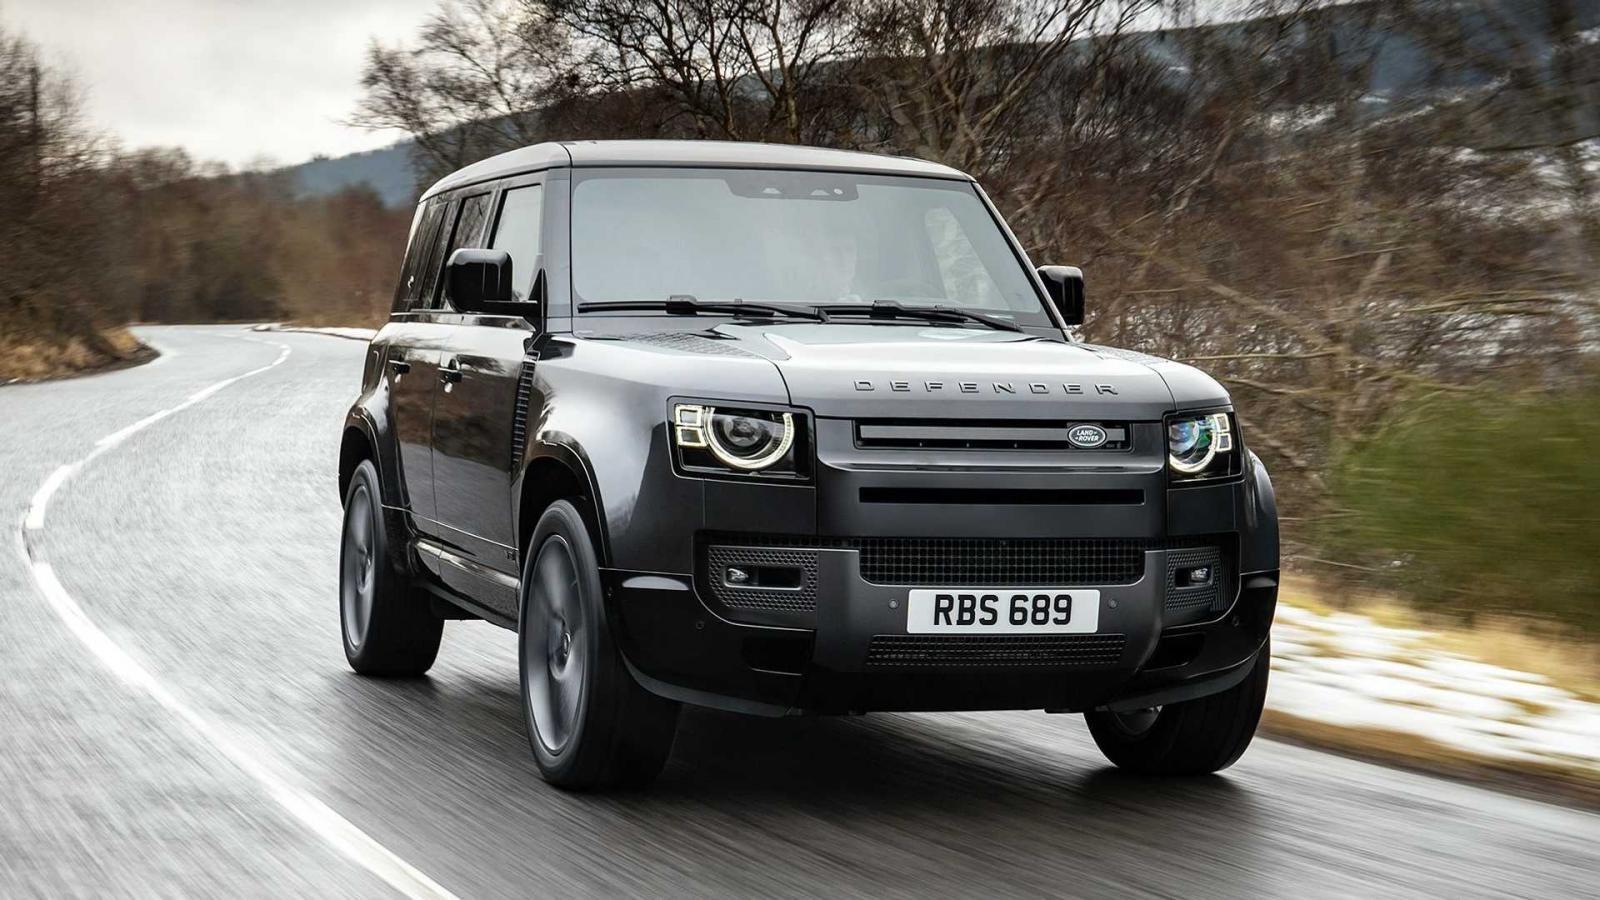 Land Rover Defender 2022 V8 bổ sung thêm phiên bản đặc biệt.